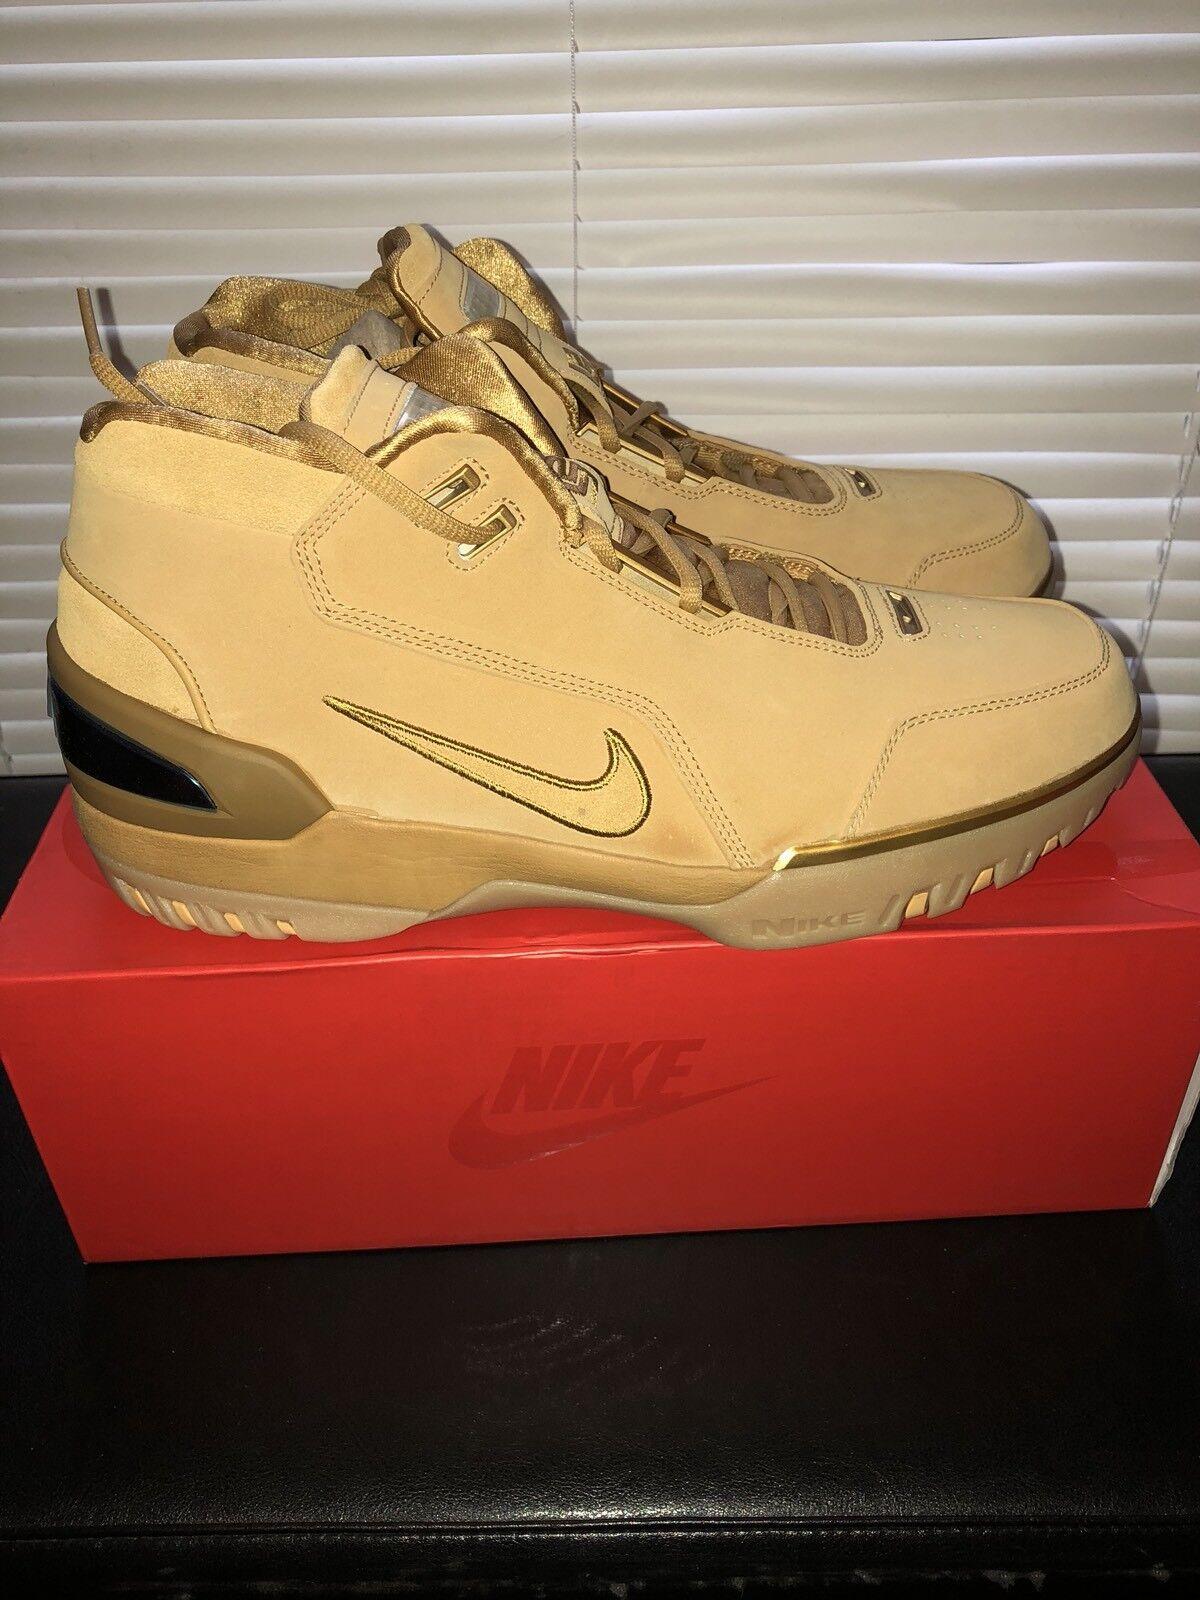 Nike lebron aria zoom generazione asg qs grano / oro aq0110-700 uomo numero 13